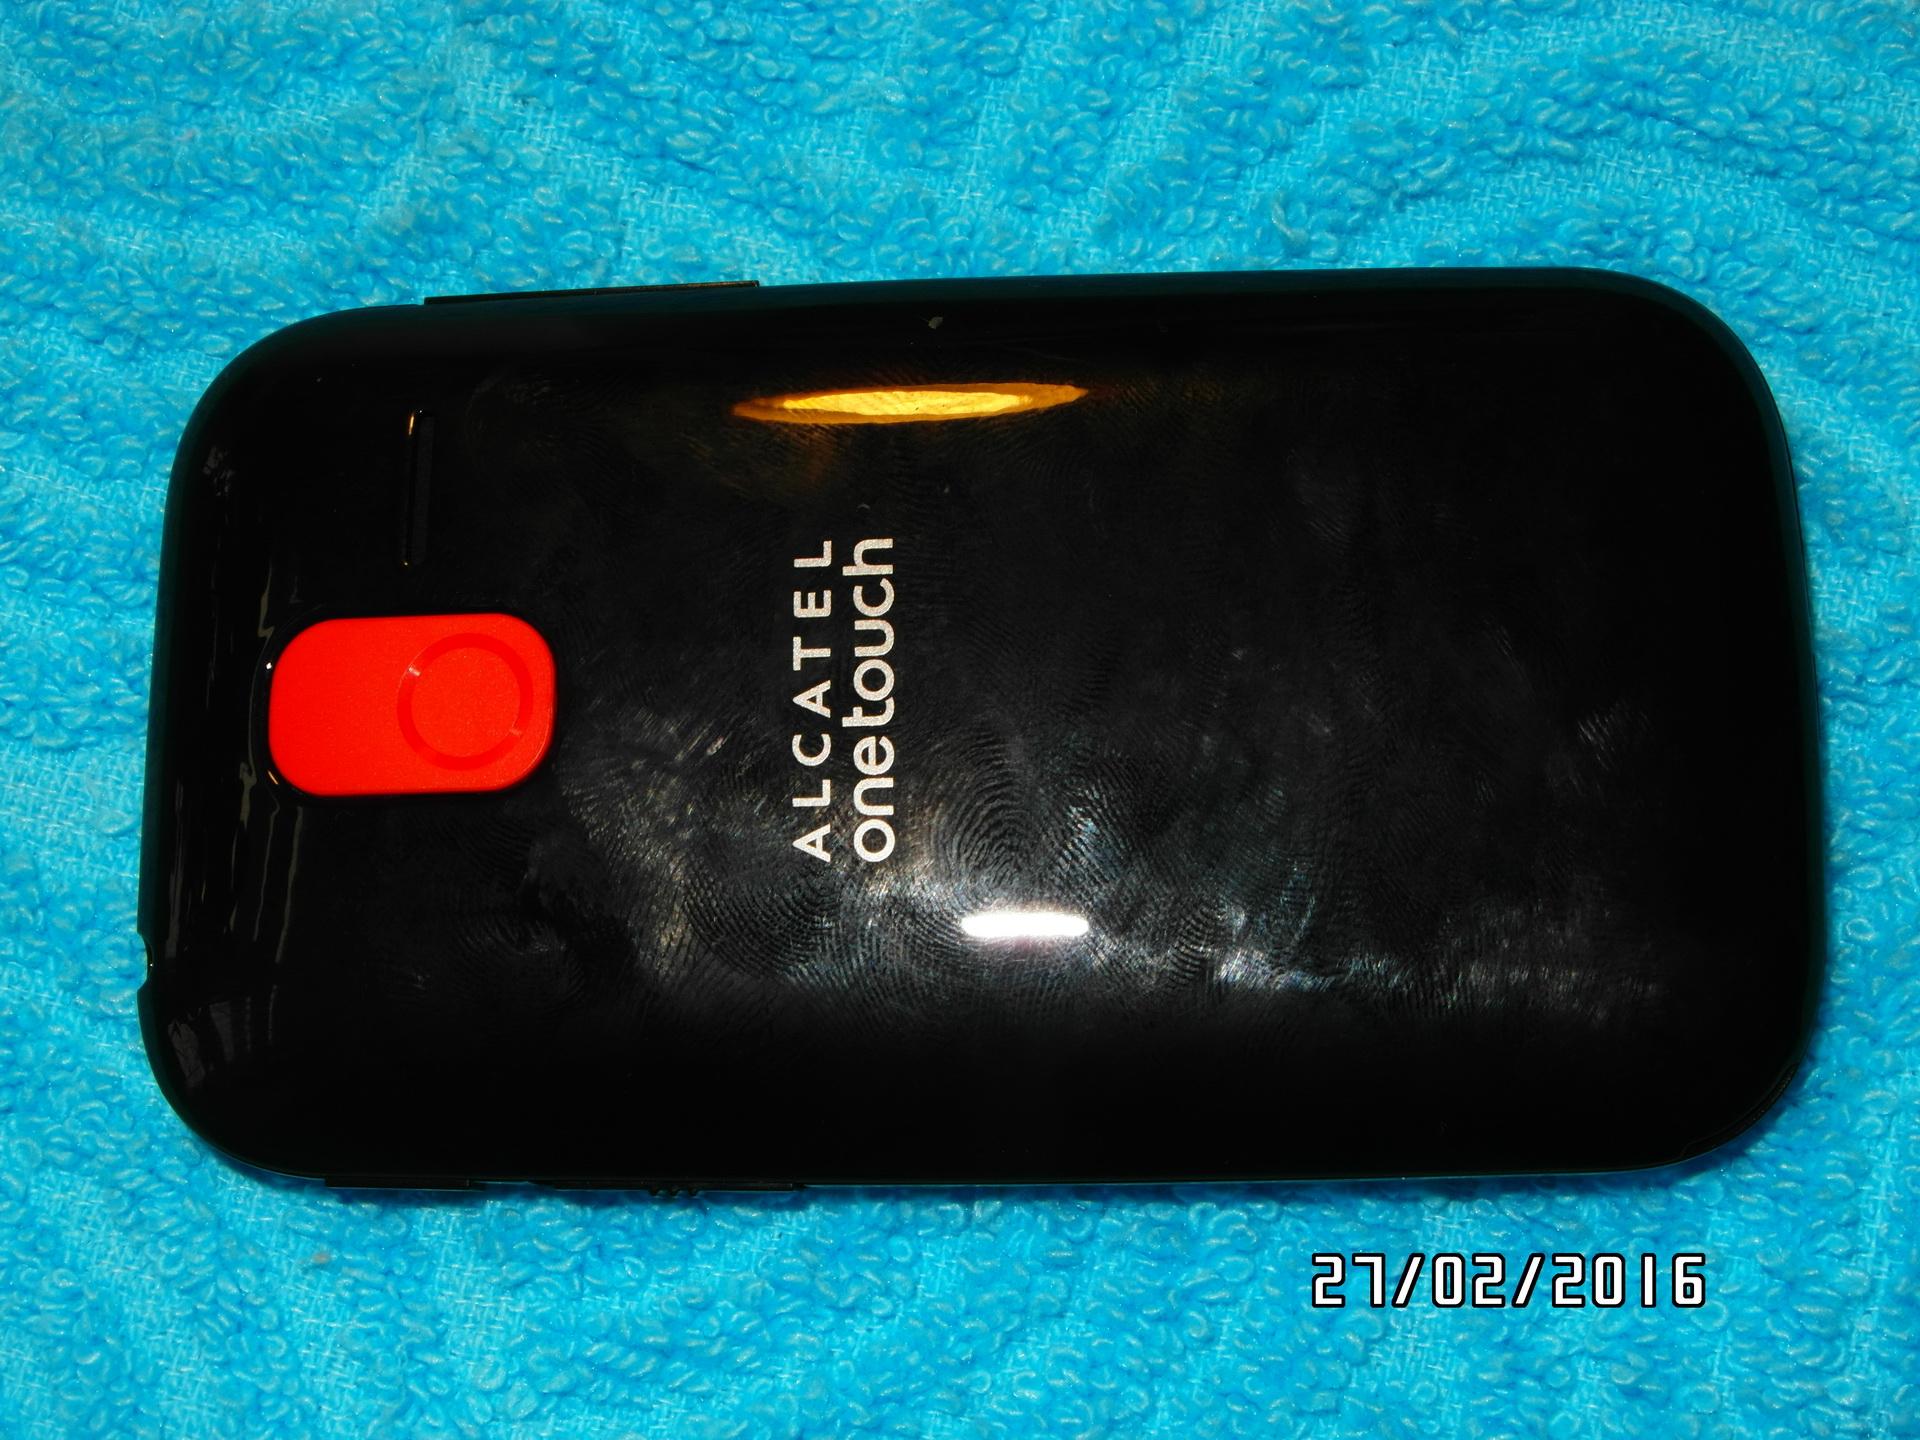 телефоны alcatel 2010 x инструкция пользователя